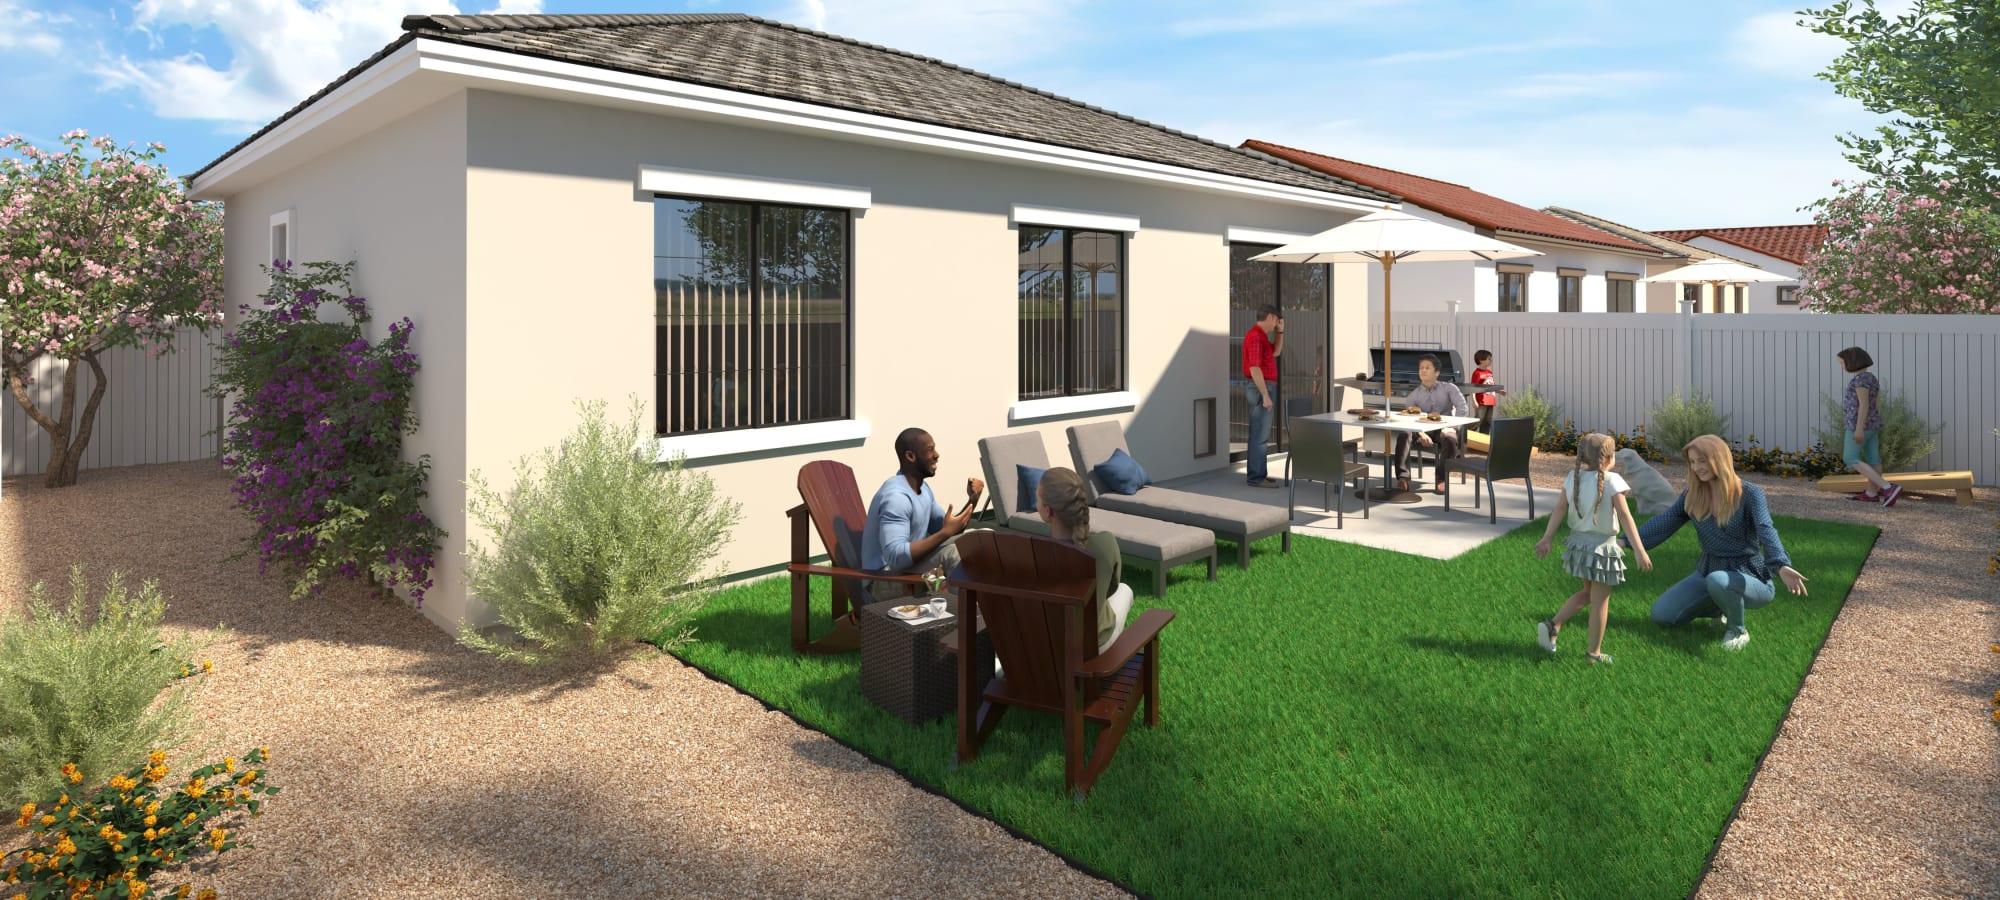 Backyard view at Tavalo at Cadence in Mesa, Arizona